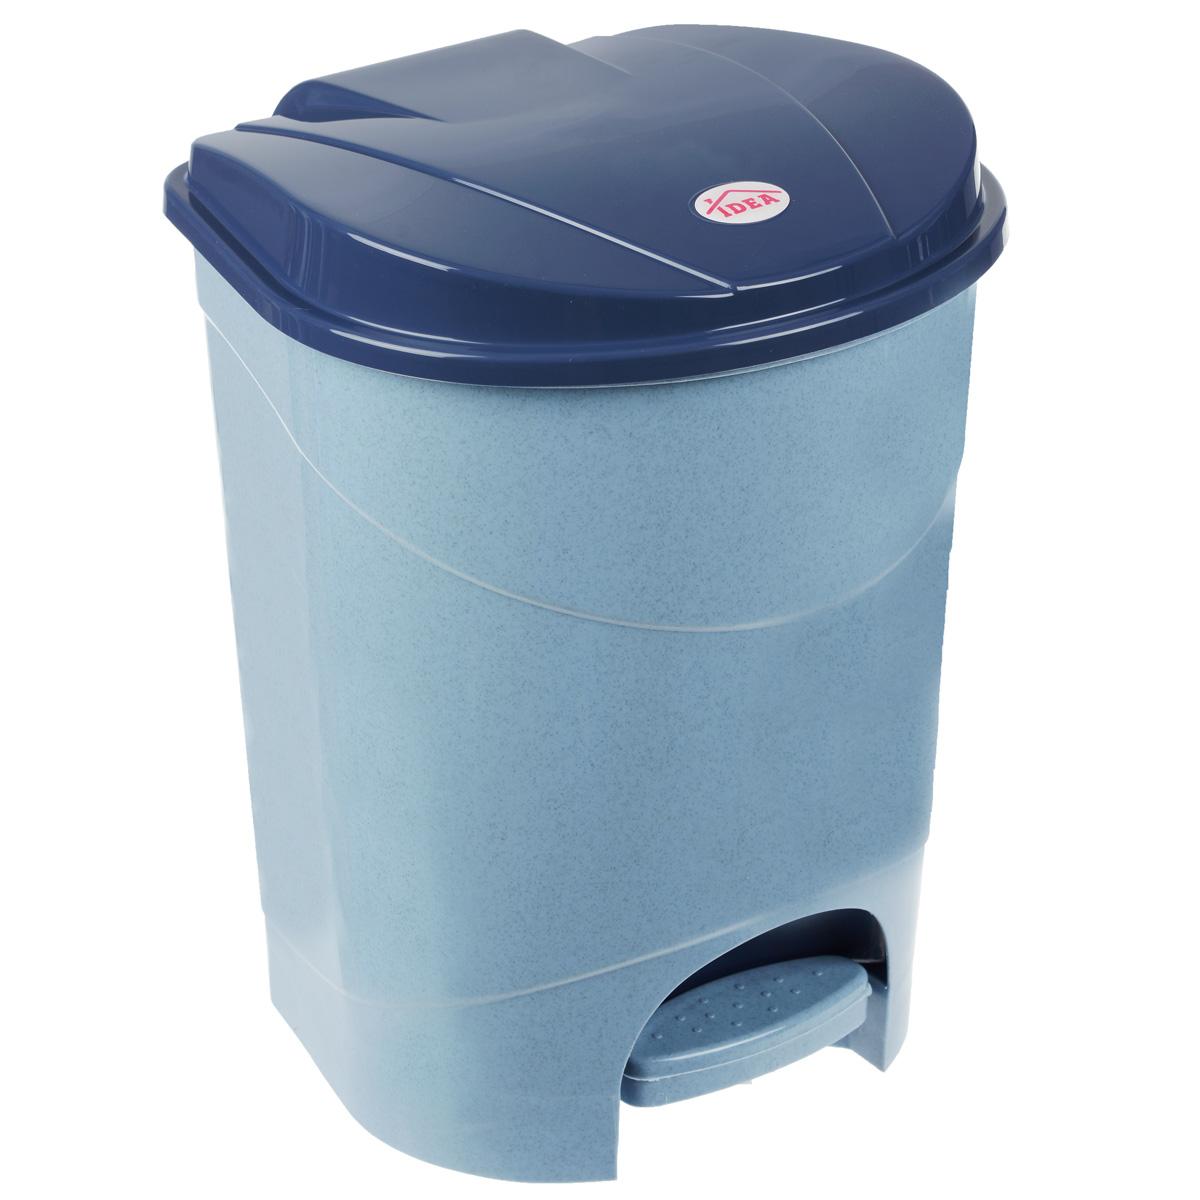 Контейнер для мусора Idea, с педалью, цвет: голубой мрамор, 19 л13296Мусорный контейнер Idea, выполненный из прочного пластика, не боится ударов и долгих лет использования. Изделие оснащено педалью, с помощью которой можно открыть крышку. Закрывается крышка практически бесшумно, плотно прилегает, предотвращая распространение запаха. Внутри пластиковая емкость для мусора, которую при необходимости можно достать из контейнера. Интересный дизайн разнообразит интерьер кухни и сделает его более оригинальным.